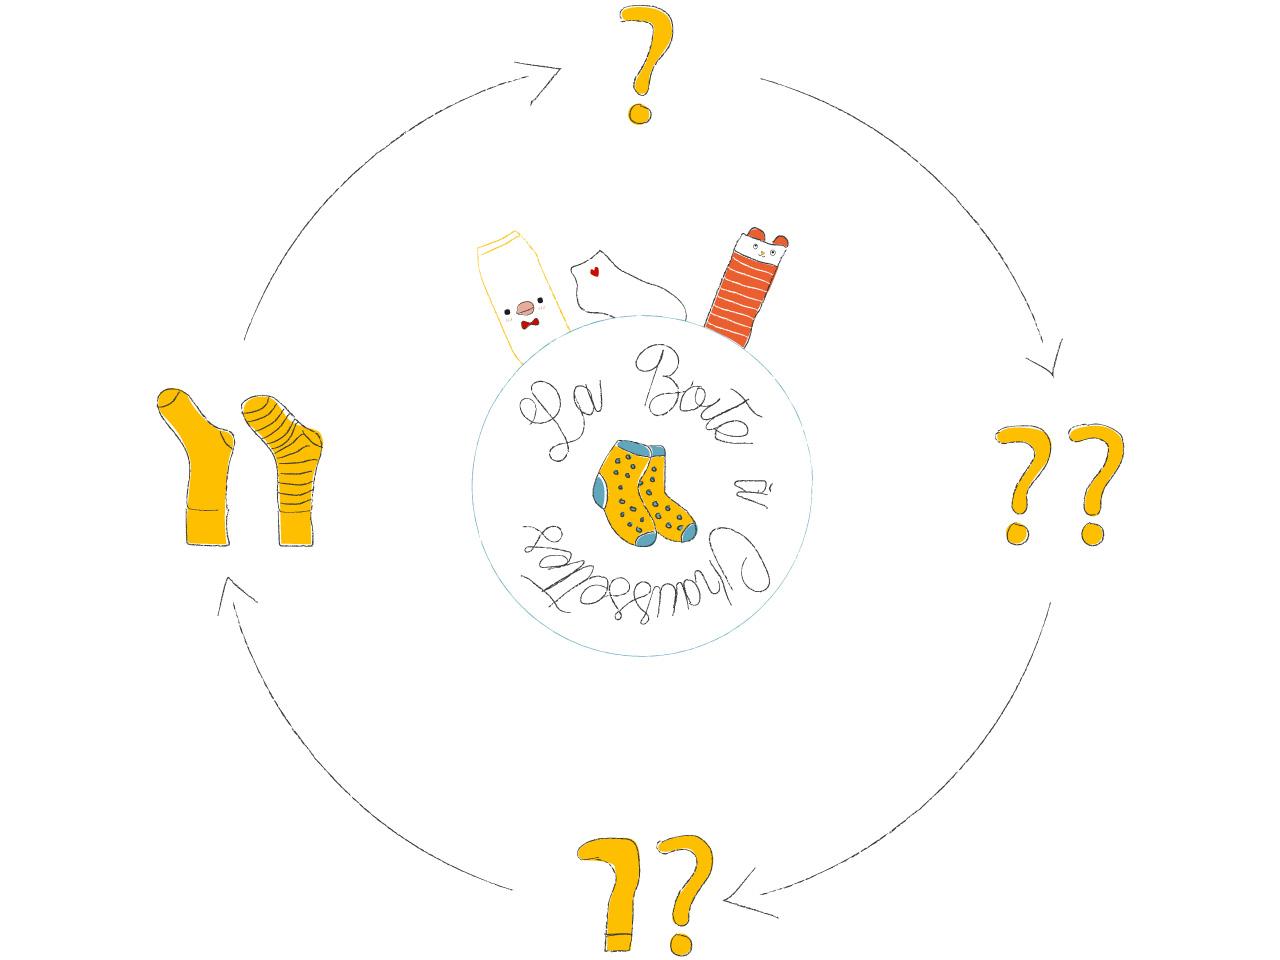 Comment créer son entreprise - illustration histoire Lisa 13b